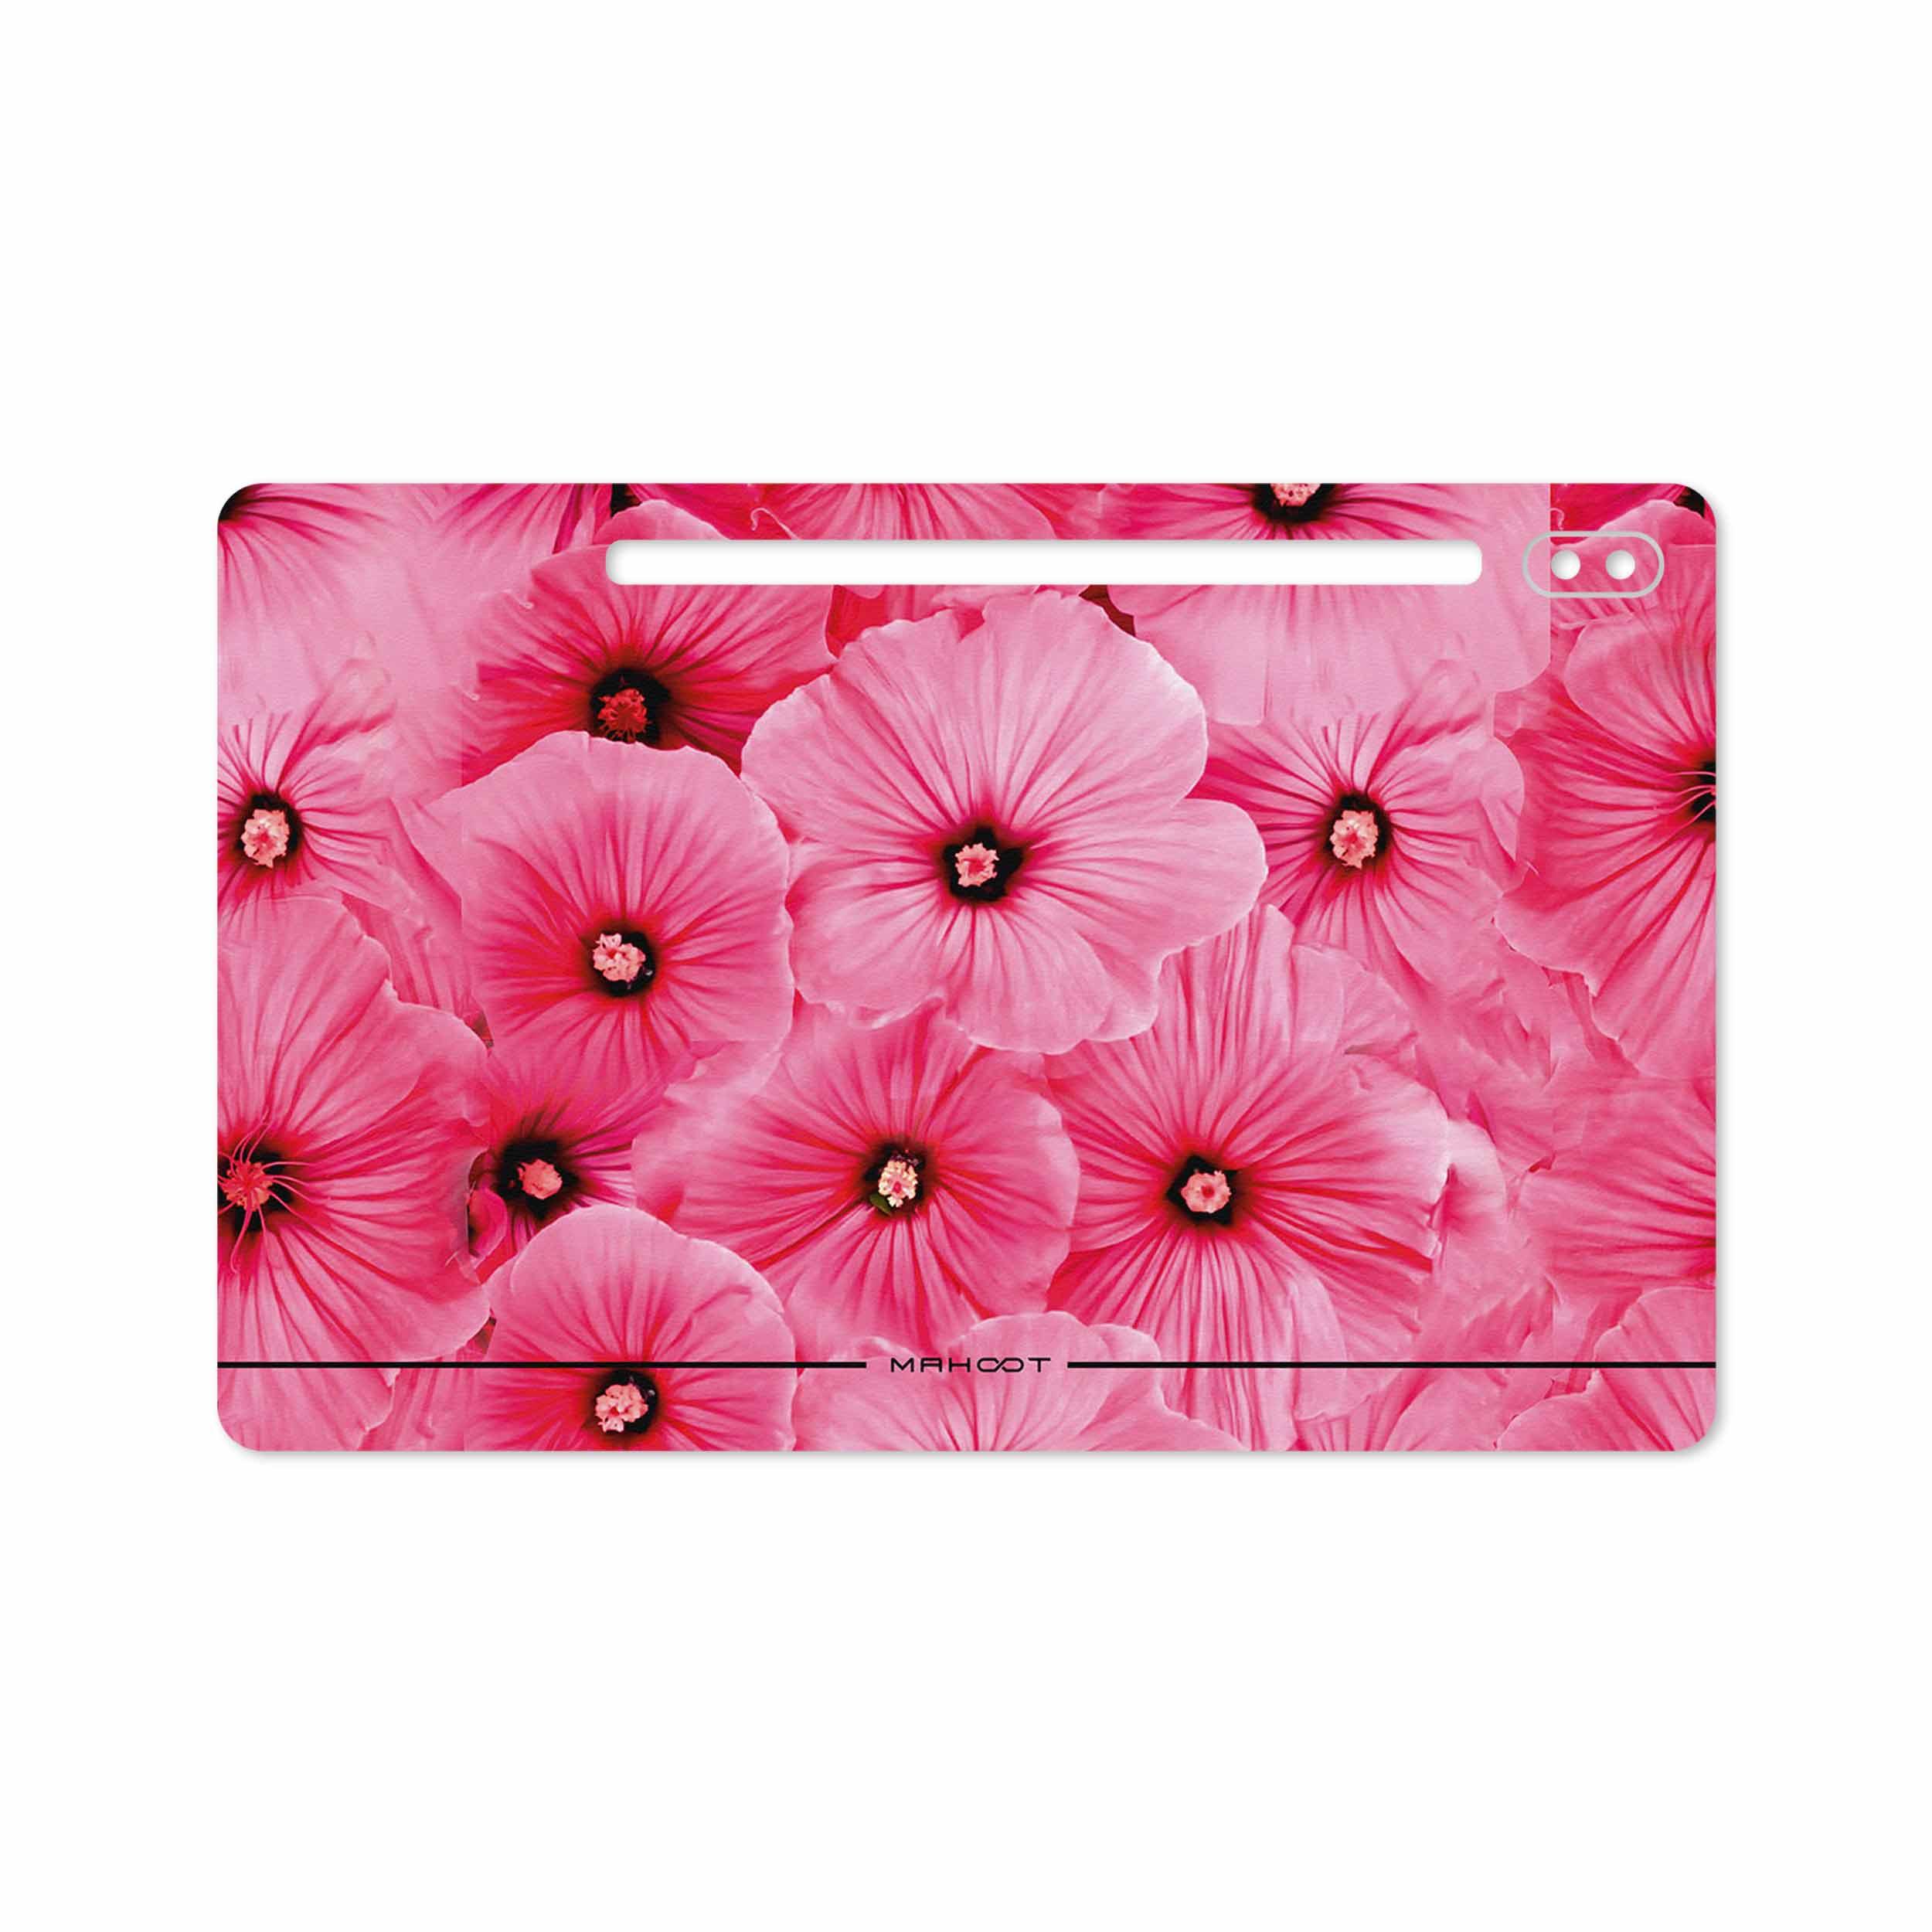 بررسی و خرید [با تخفیف]                                     برچسب پوششی ماهوت مدل Pink-Flower مناسب برای تبلت سامسونگ Galaxy Tab S6 2019 SM-T865                             اورجینال